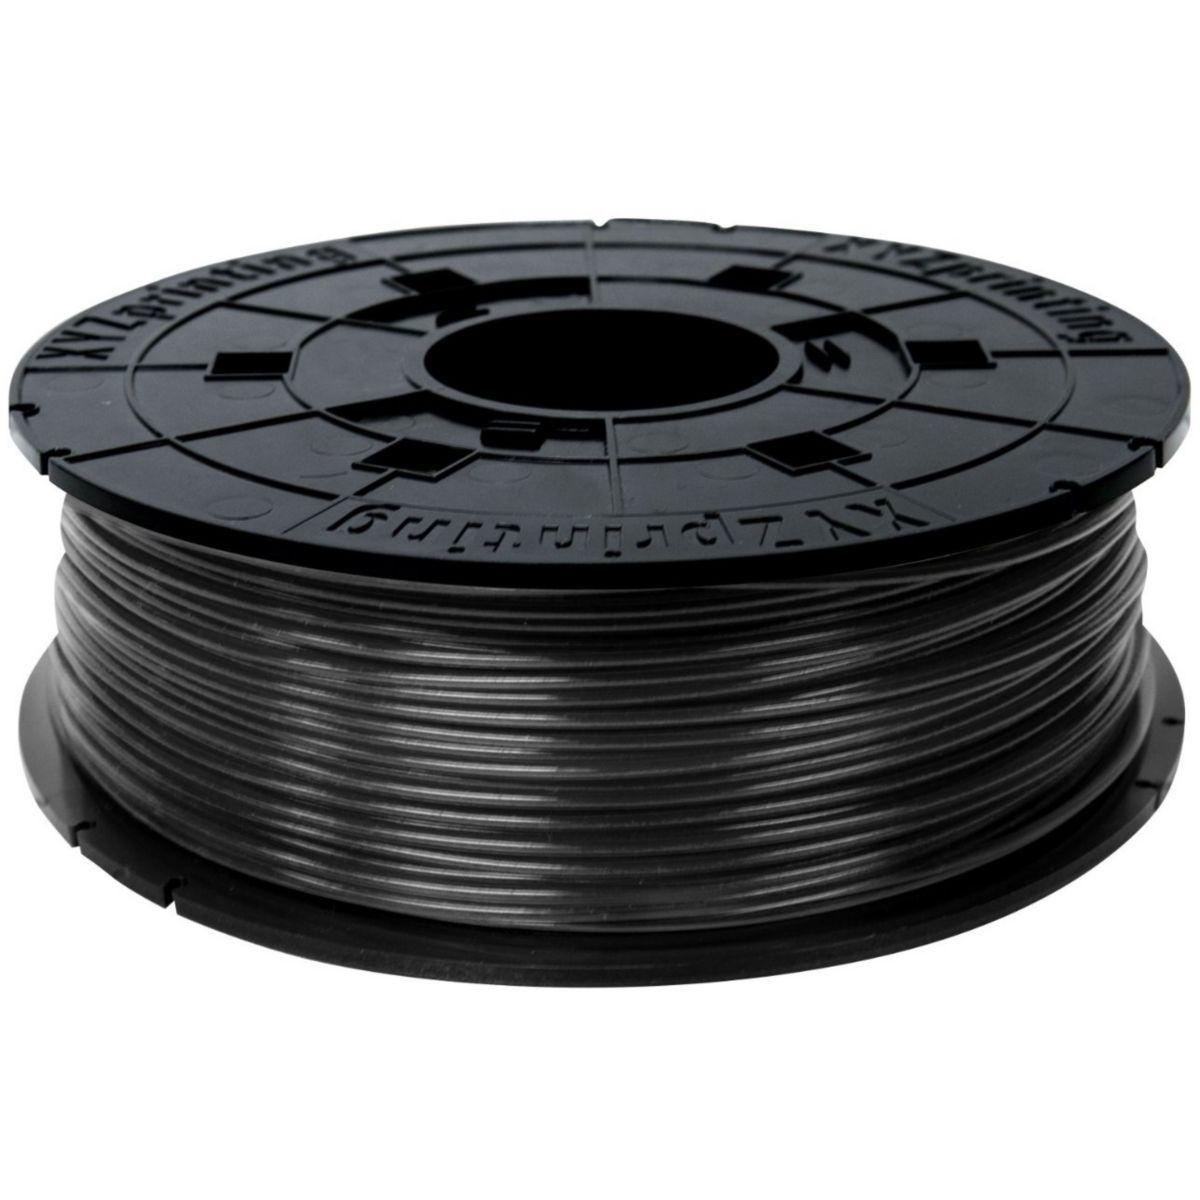 Filament 3d xyz printing filament pla noir - 2% de remise imm?...